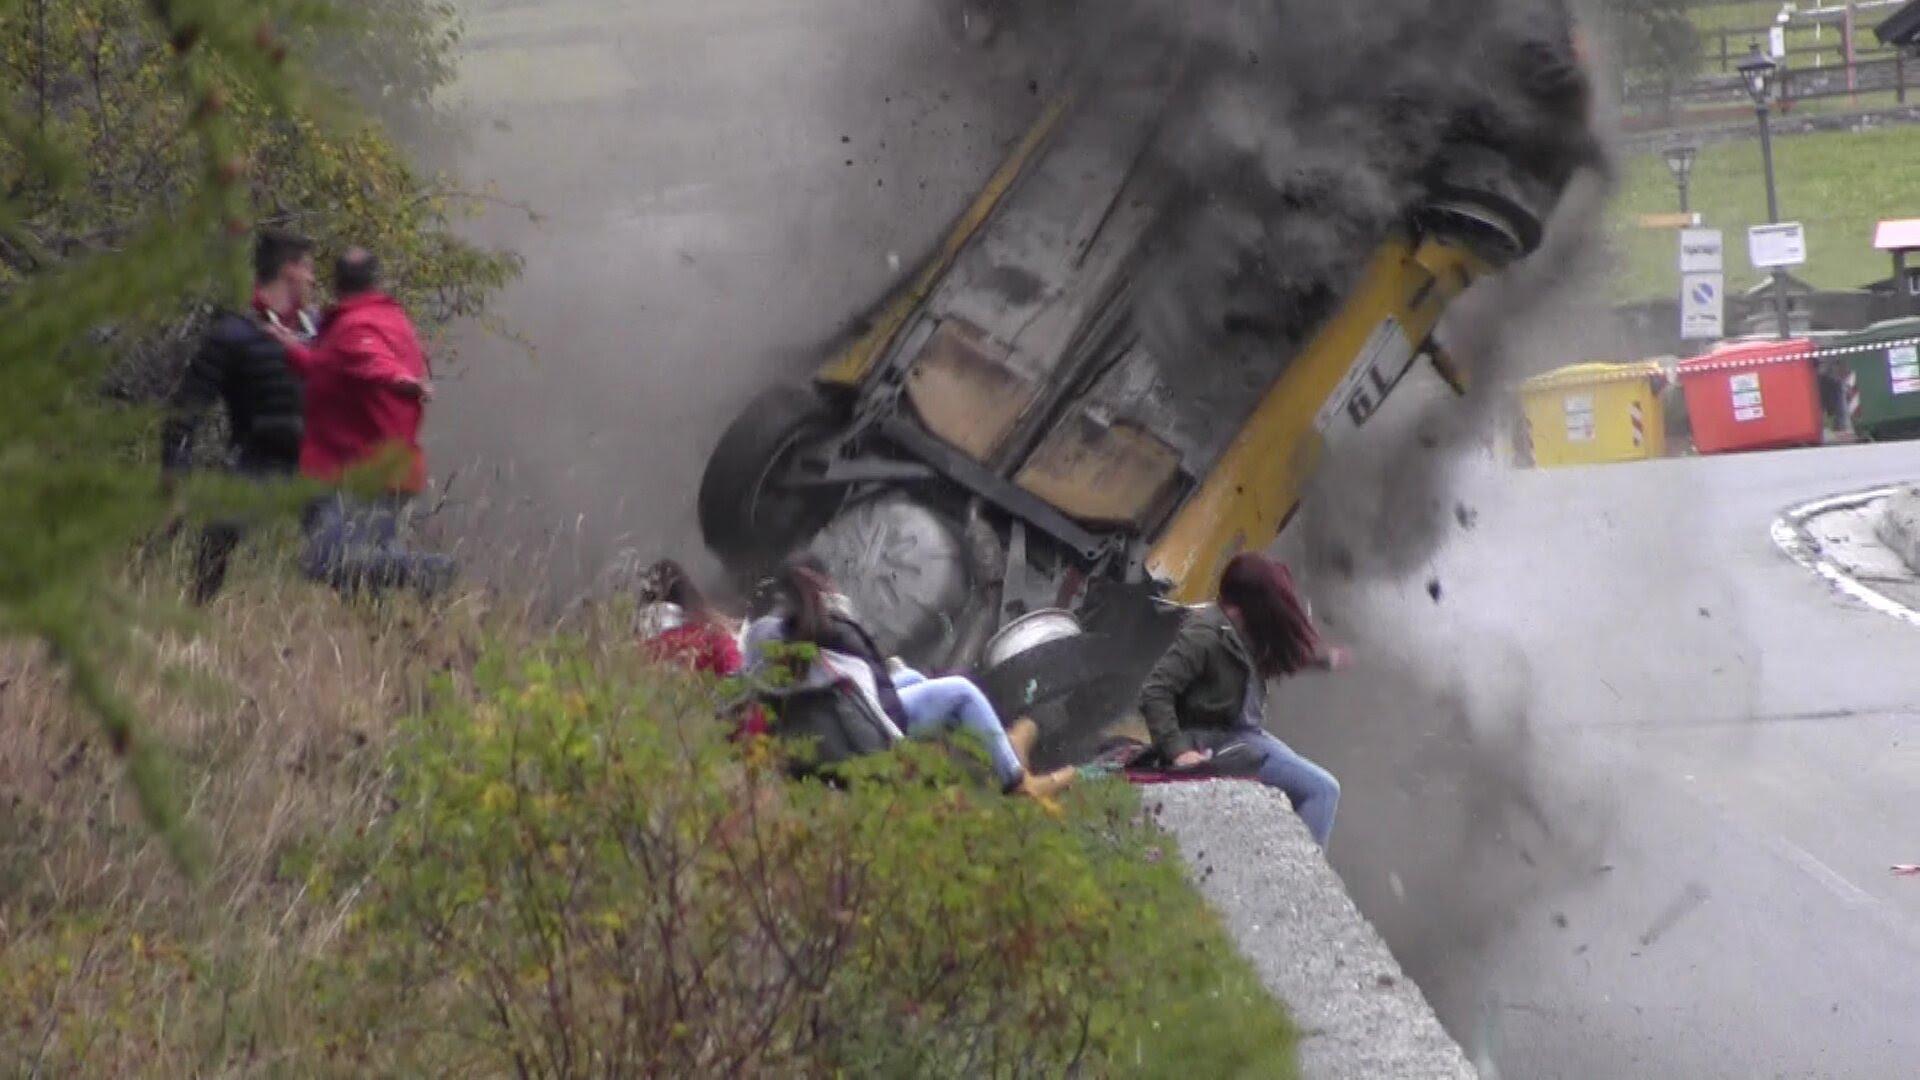 VIDEO: Kohutav avarii – võistlusel sõidab auto publiku sekka ning juhtub midagi enneolematut